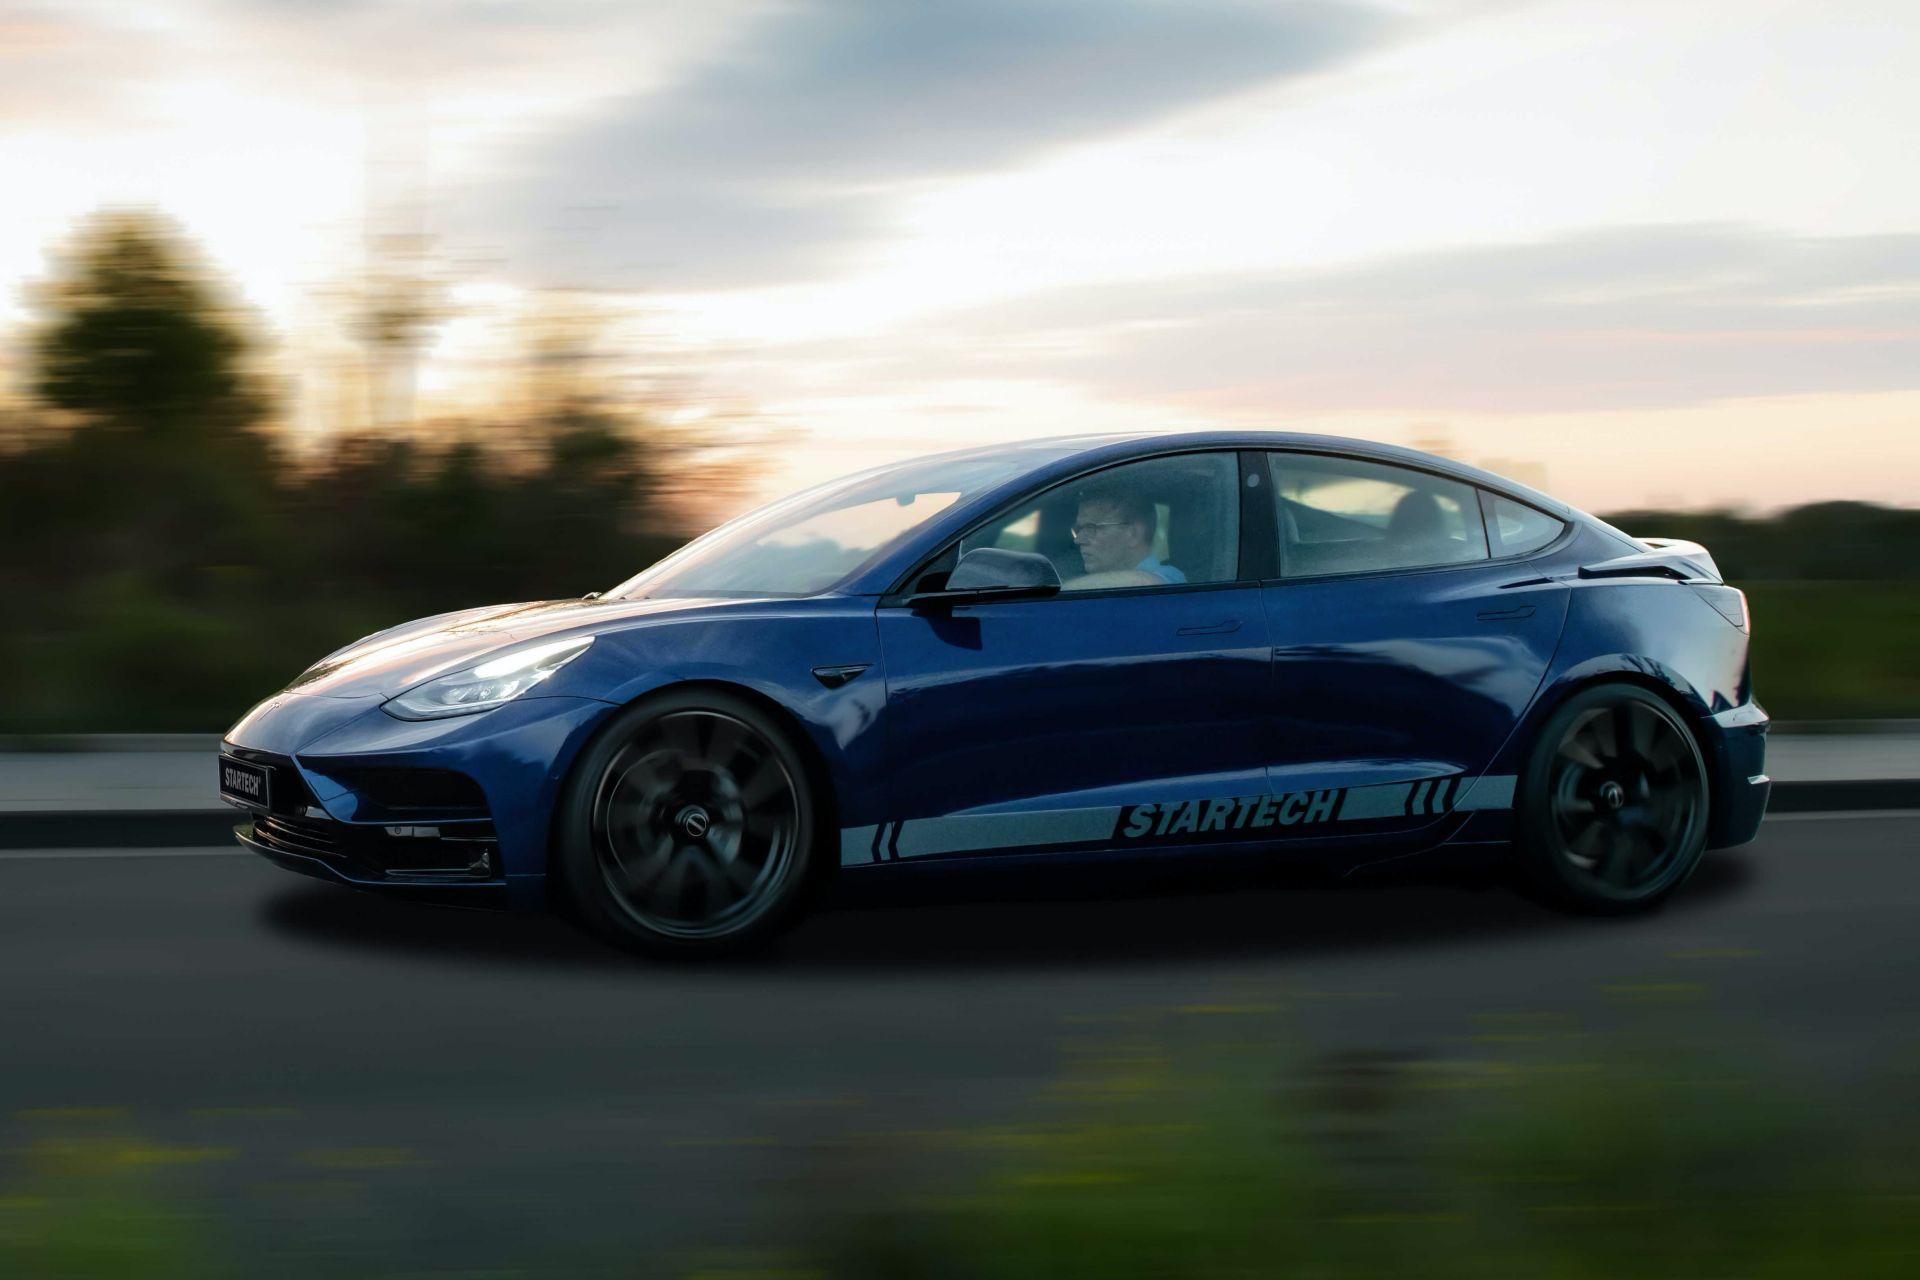 Tesla_Model_3_by_Startech_1_0019